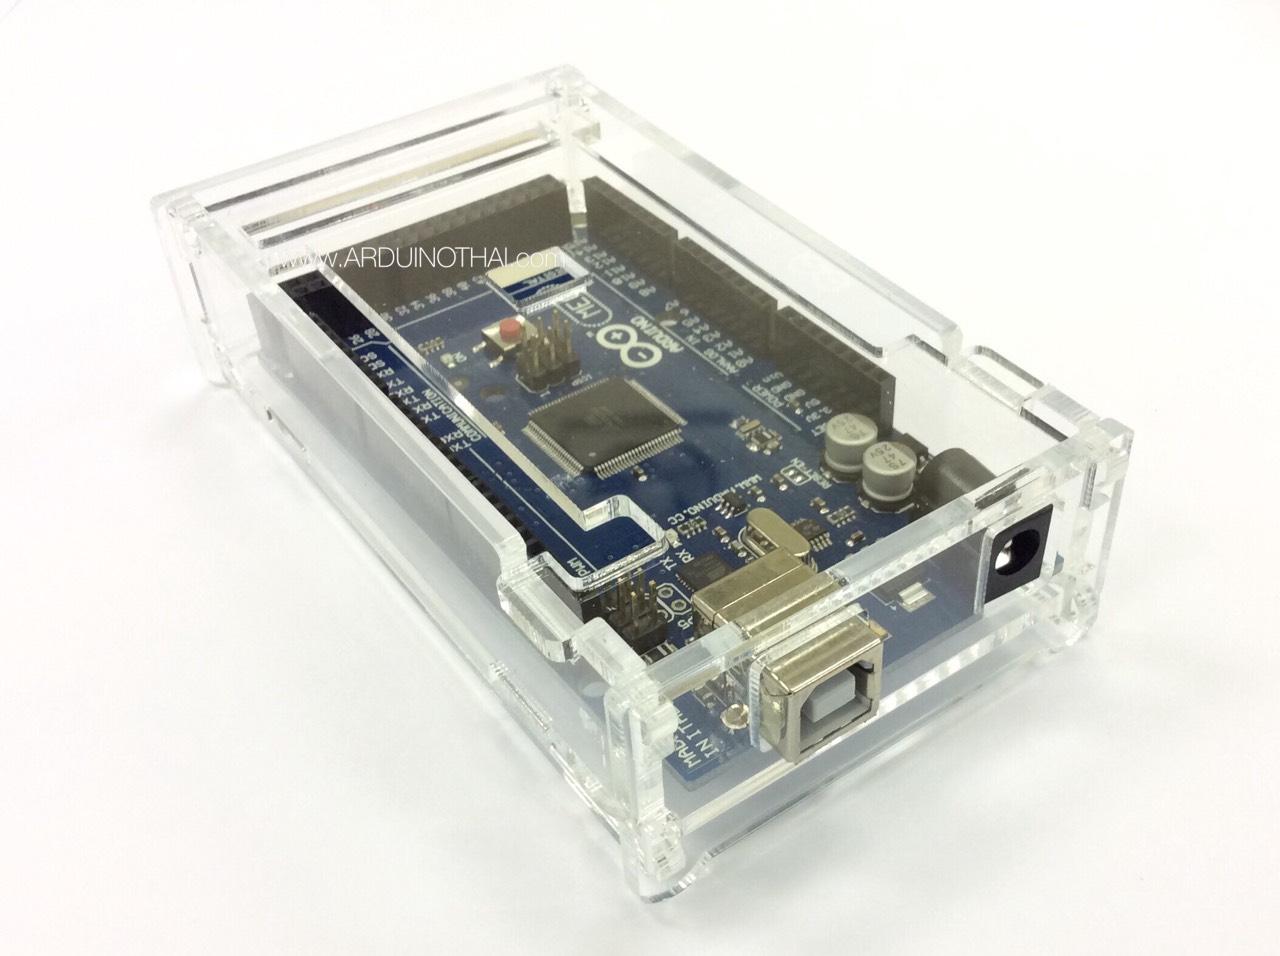 Arduino MEGA 2560 R3 Case